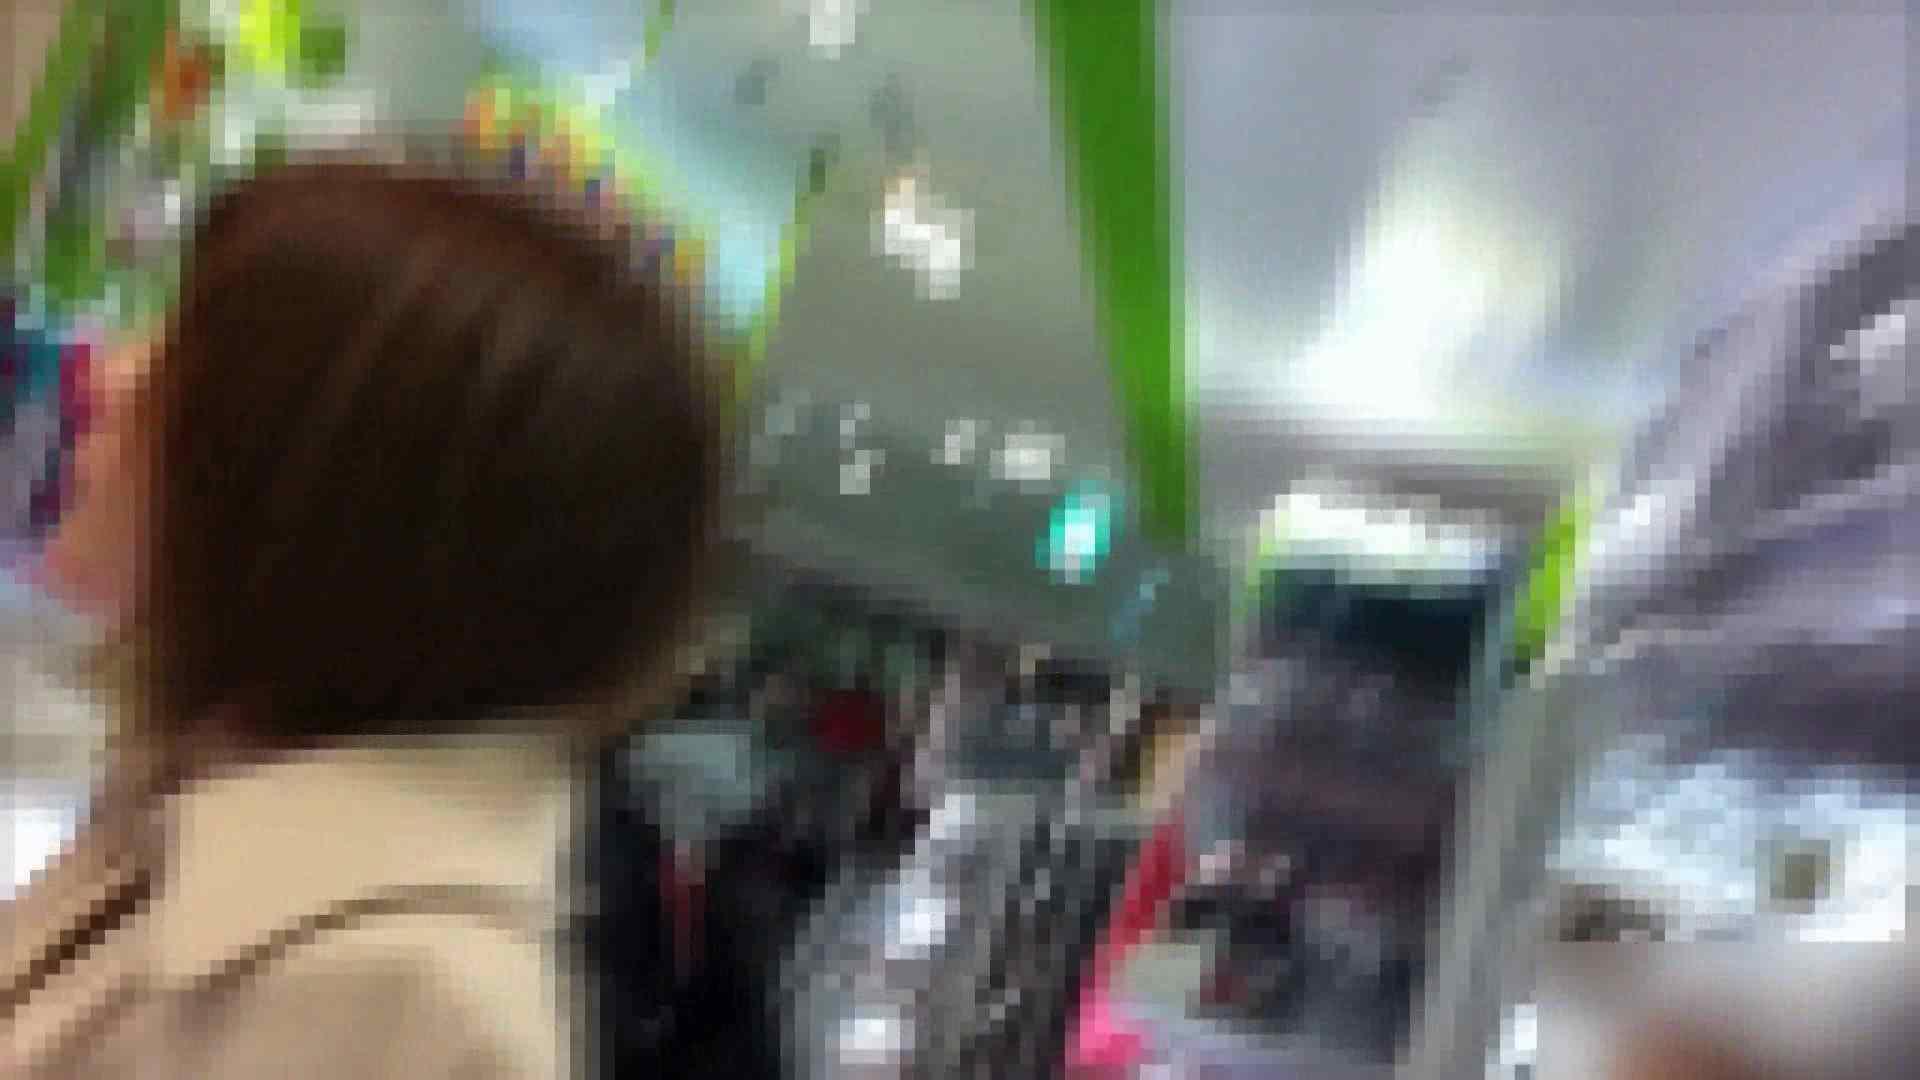 ガールズパンチラストリートビューVol.020 現役ギャル セックス画像 85pic 3